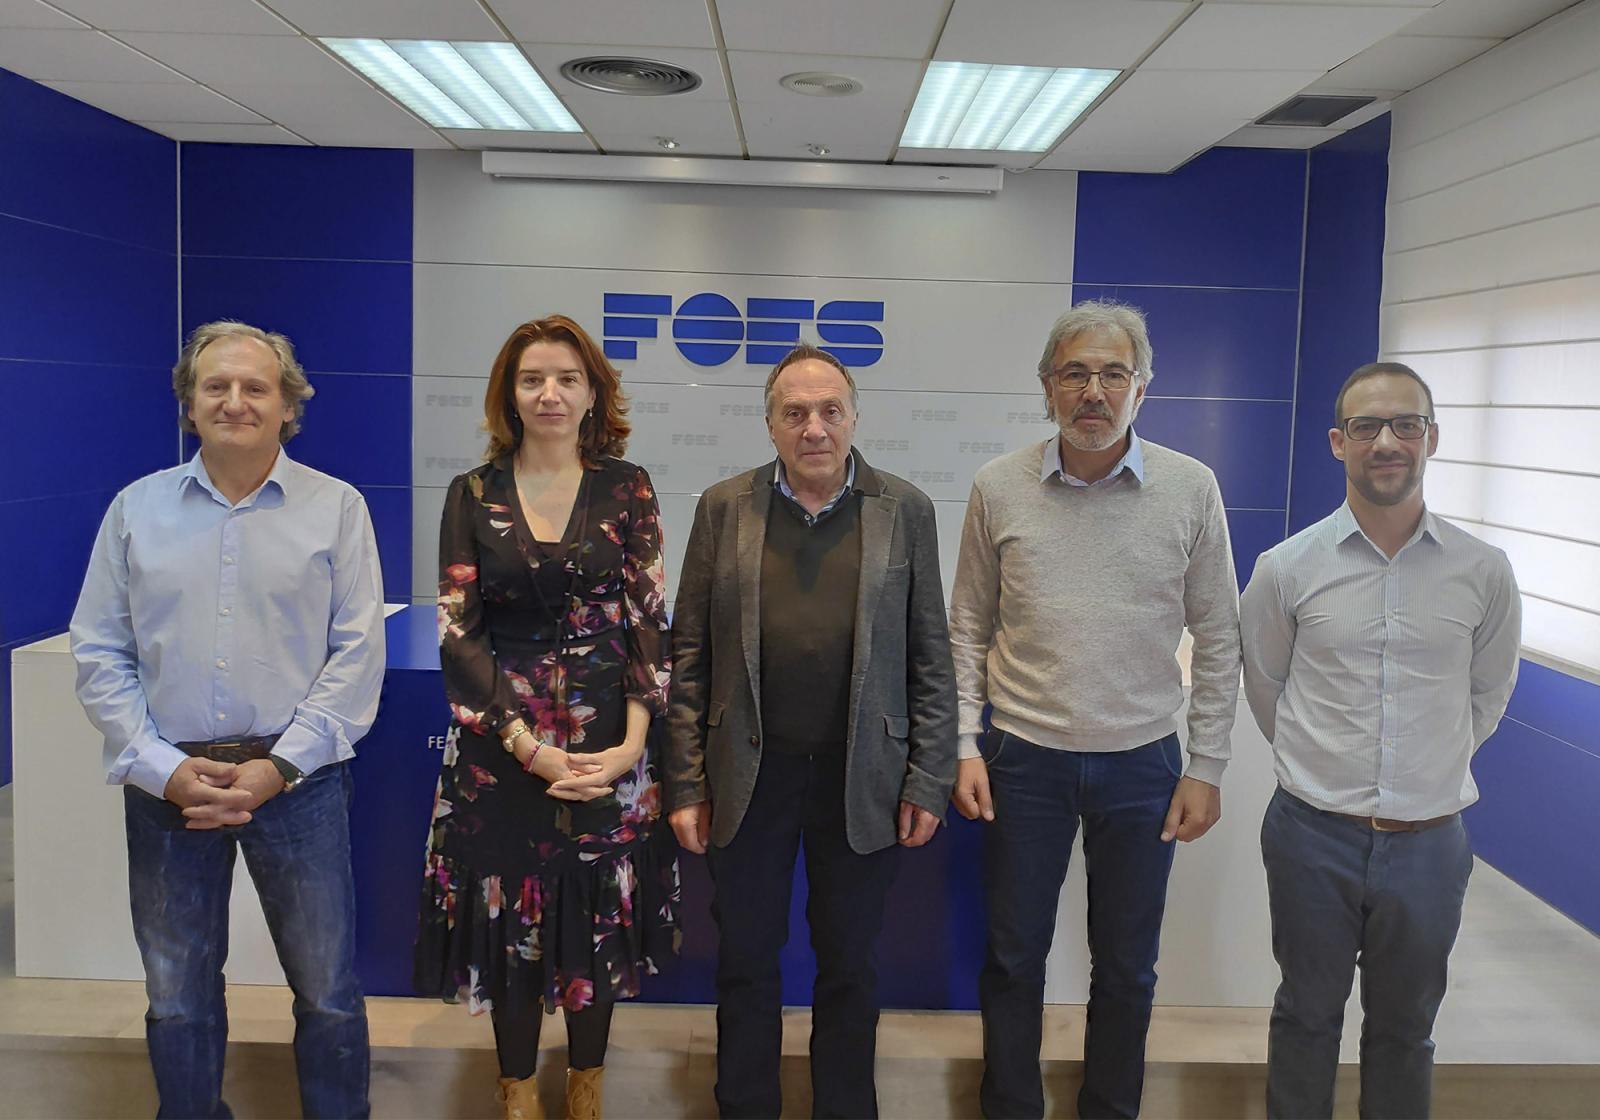 La empresa MAQPERSO inicia su actividad gracias al trabajo conjunto de FOES, Invest in Soria y del Ayuntamiento de Matalebreras